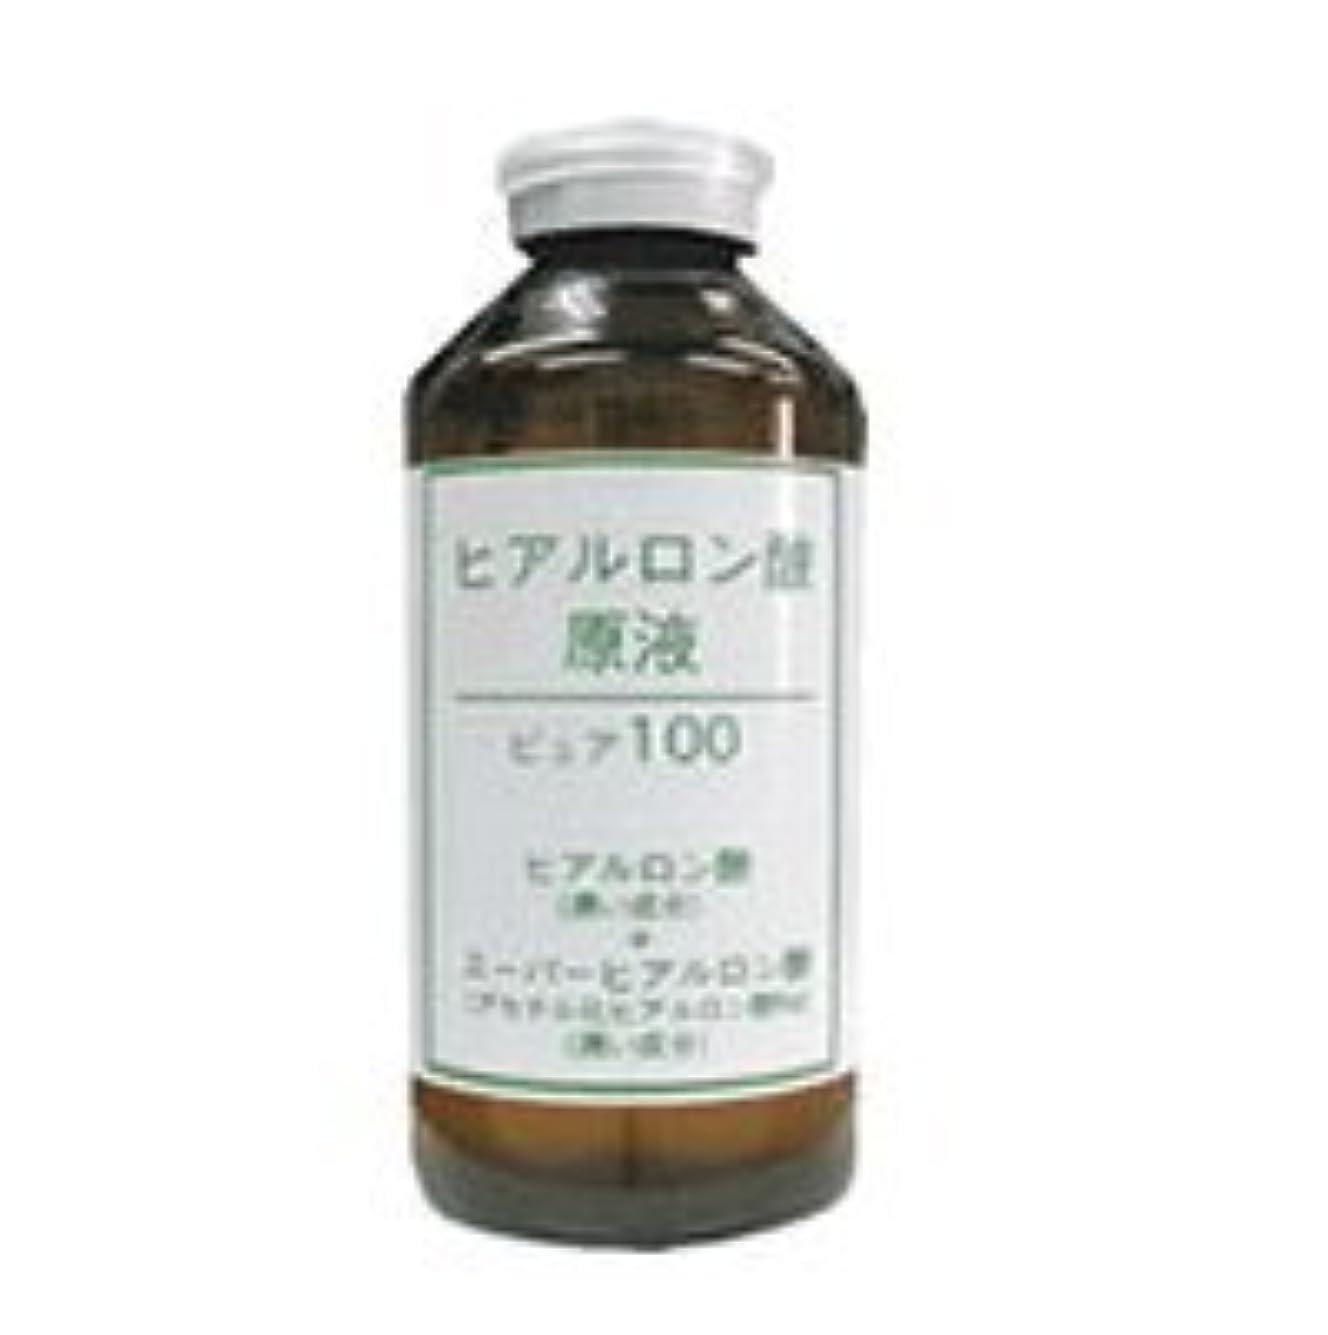 考えた郵便局選ぶヒアルロン酸原液 ピュアエッセンス 55ml  ヒアルロン酸+スーパーヒアルロン酸